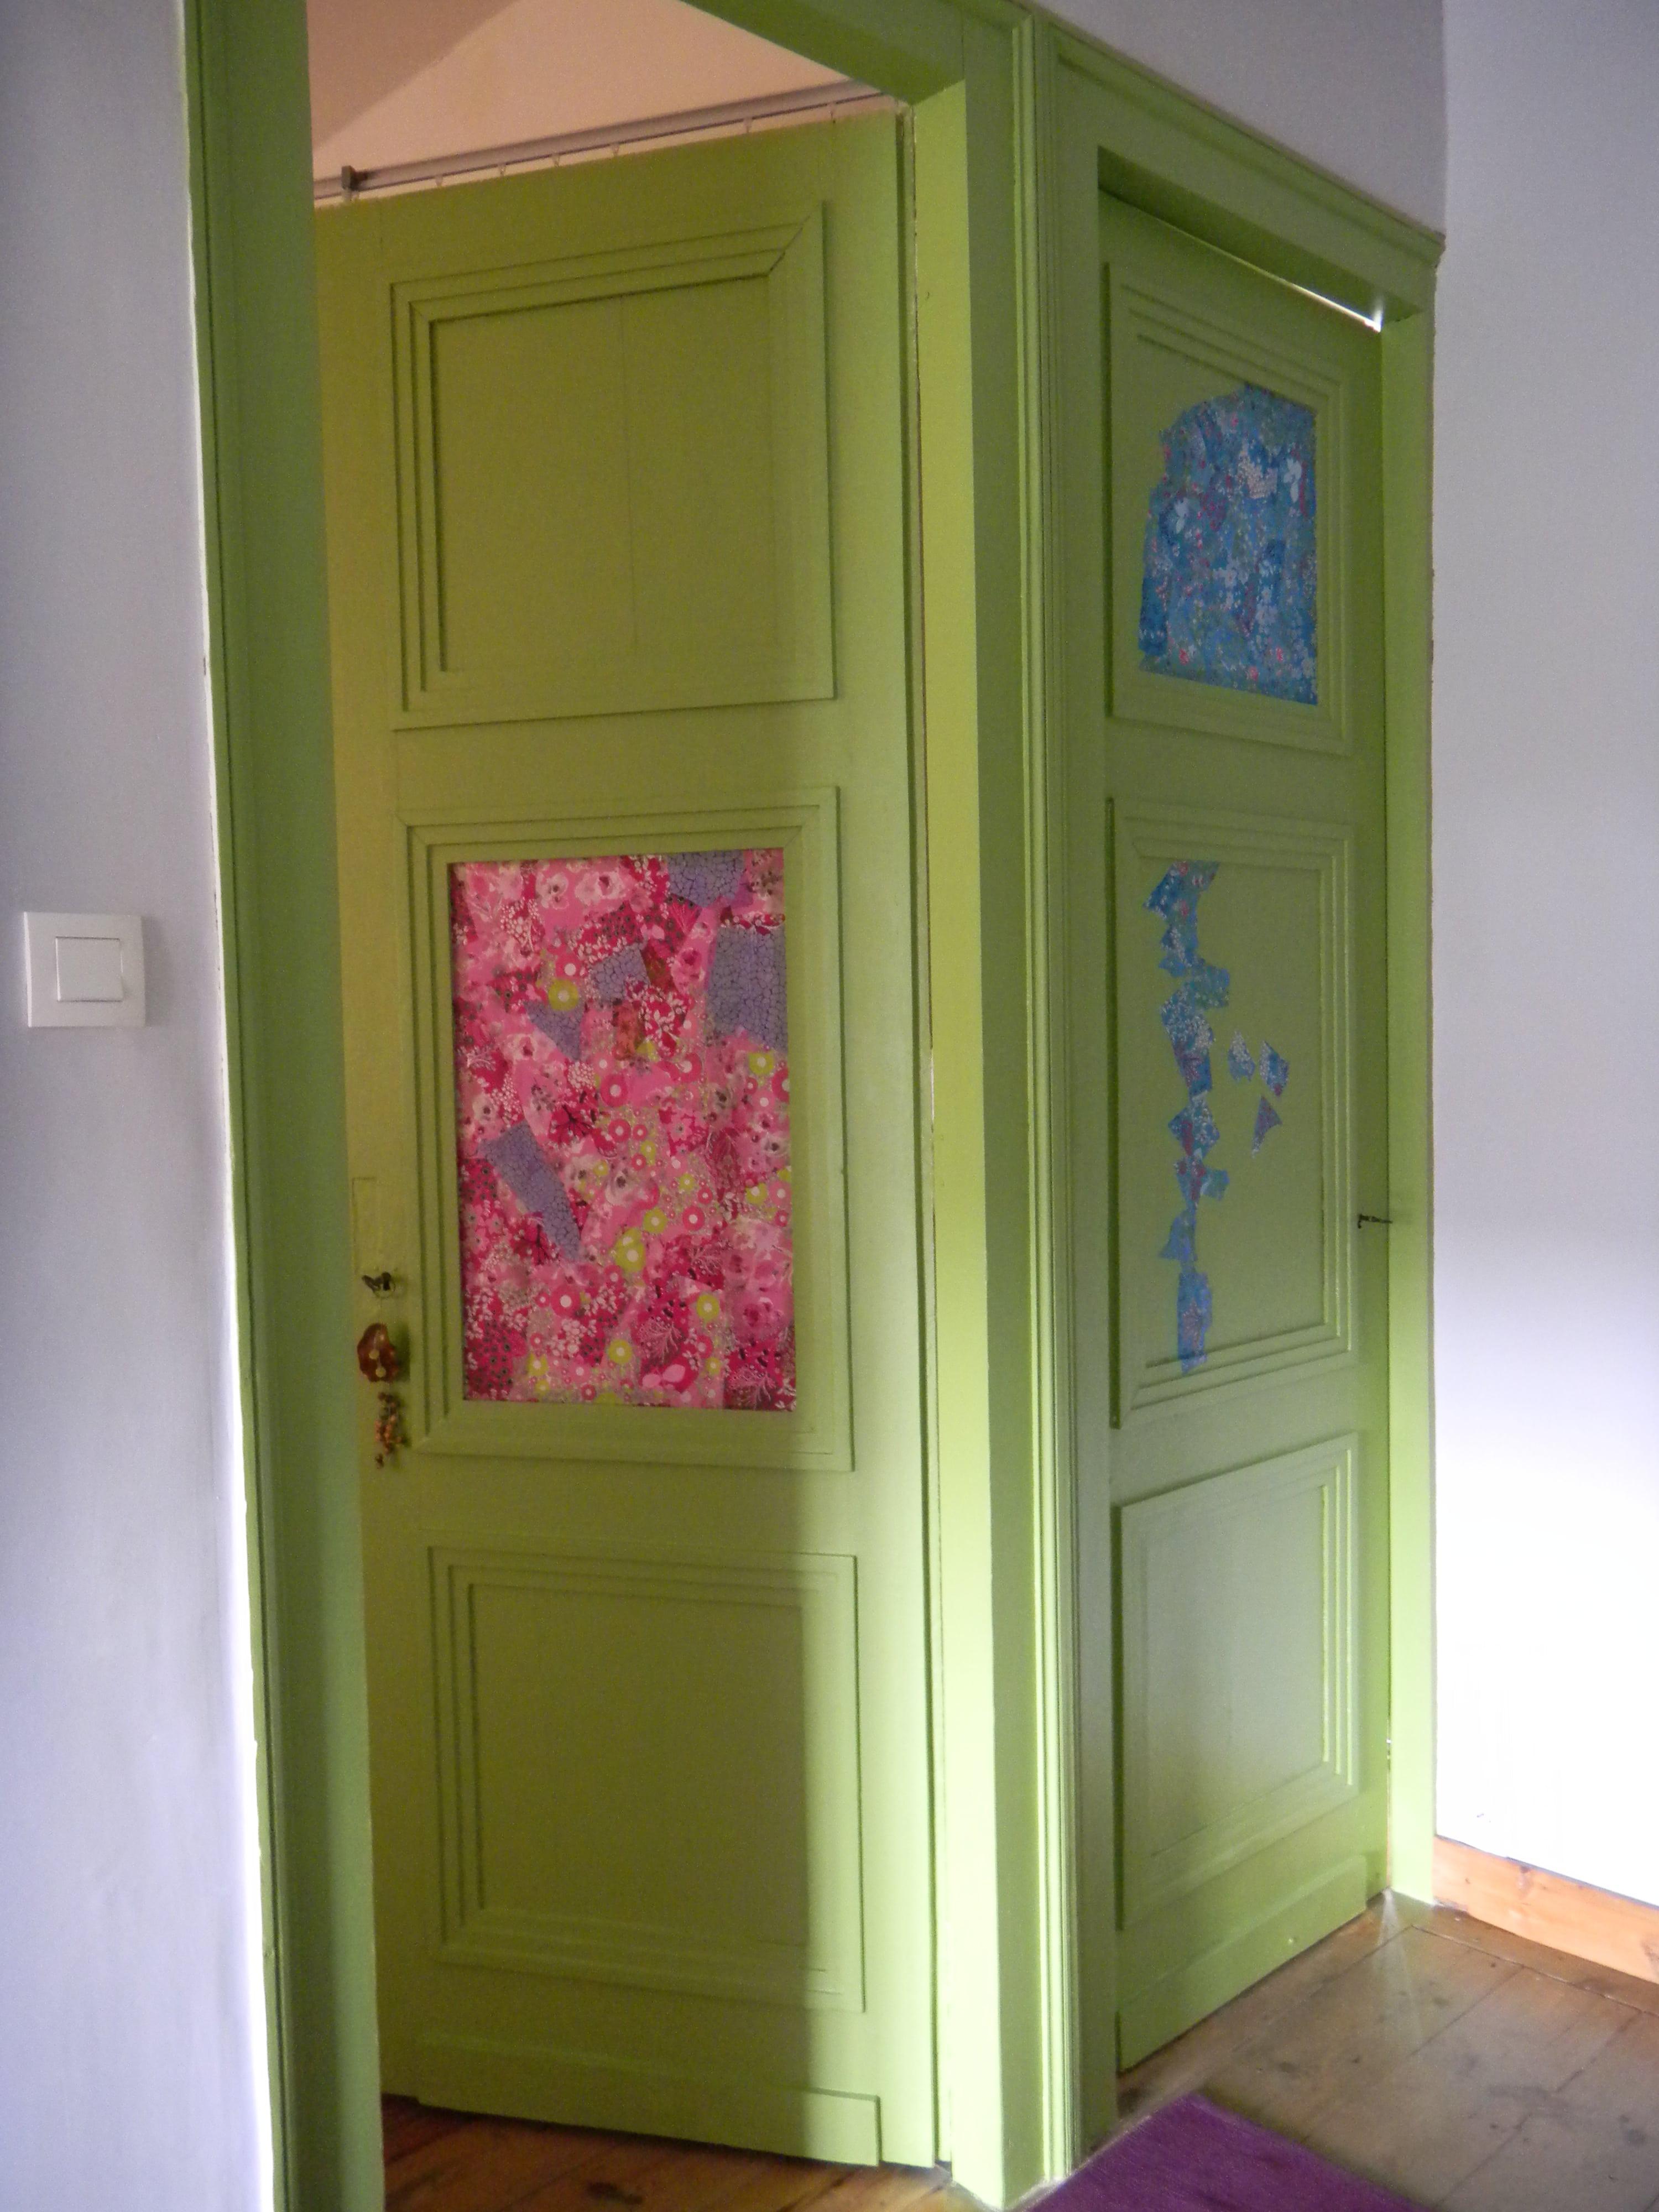 Louise.h décoration portes peintes et papiers collés